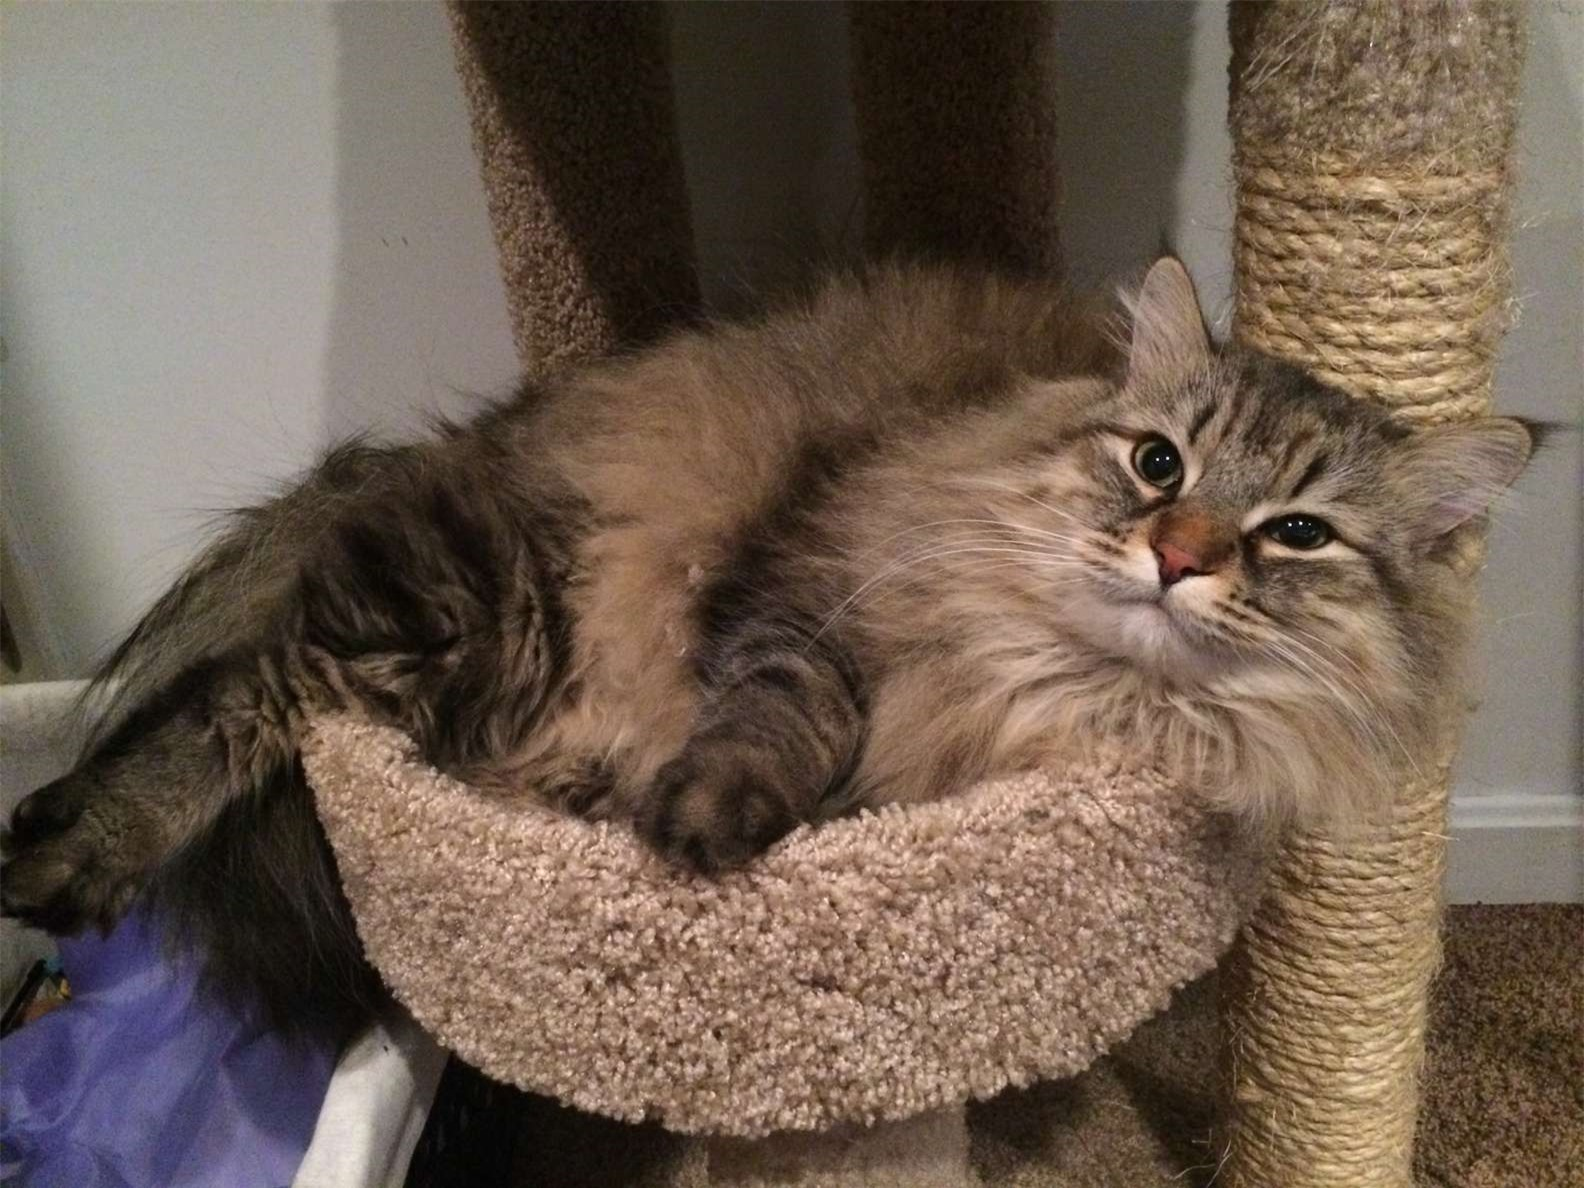 """Mèo cưng lạnh lùng bỗng chuyển hướng yêu thương, cô chủ lấy làm lạ, đến lúc con vật """"vượt quá giới hạn"""" thì mọi chuyện với vỡ lẽ - Ảnh 1."""